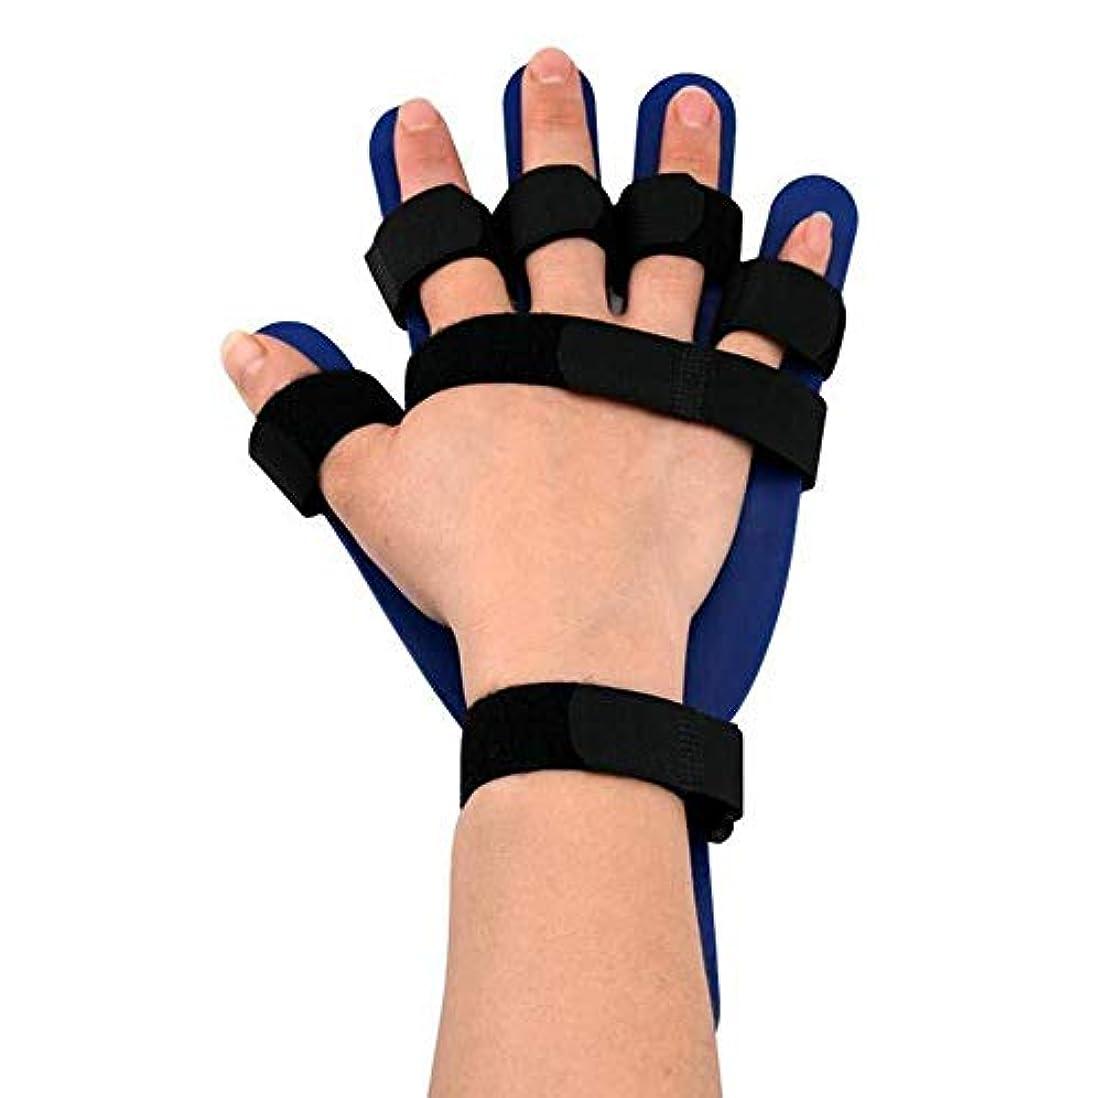 息切れ発送成果親指サポートトリガーフィンガースプリント、右手首スプリントユニセックスフィンガープレート,Right Hand